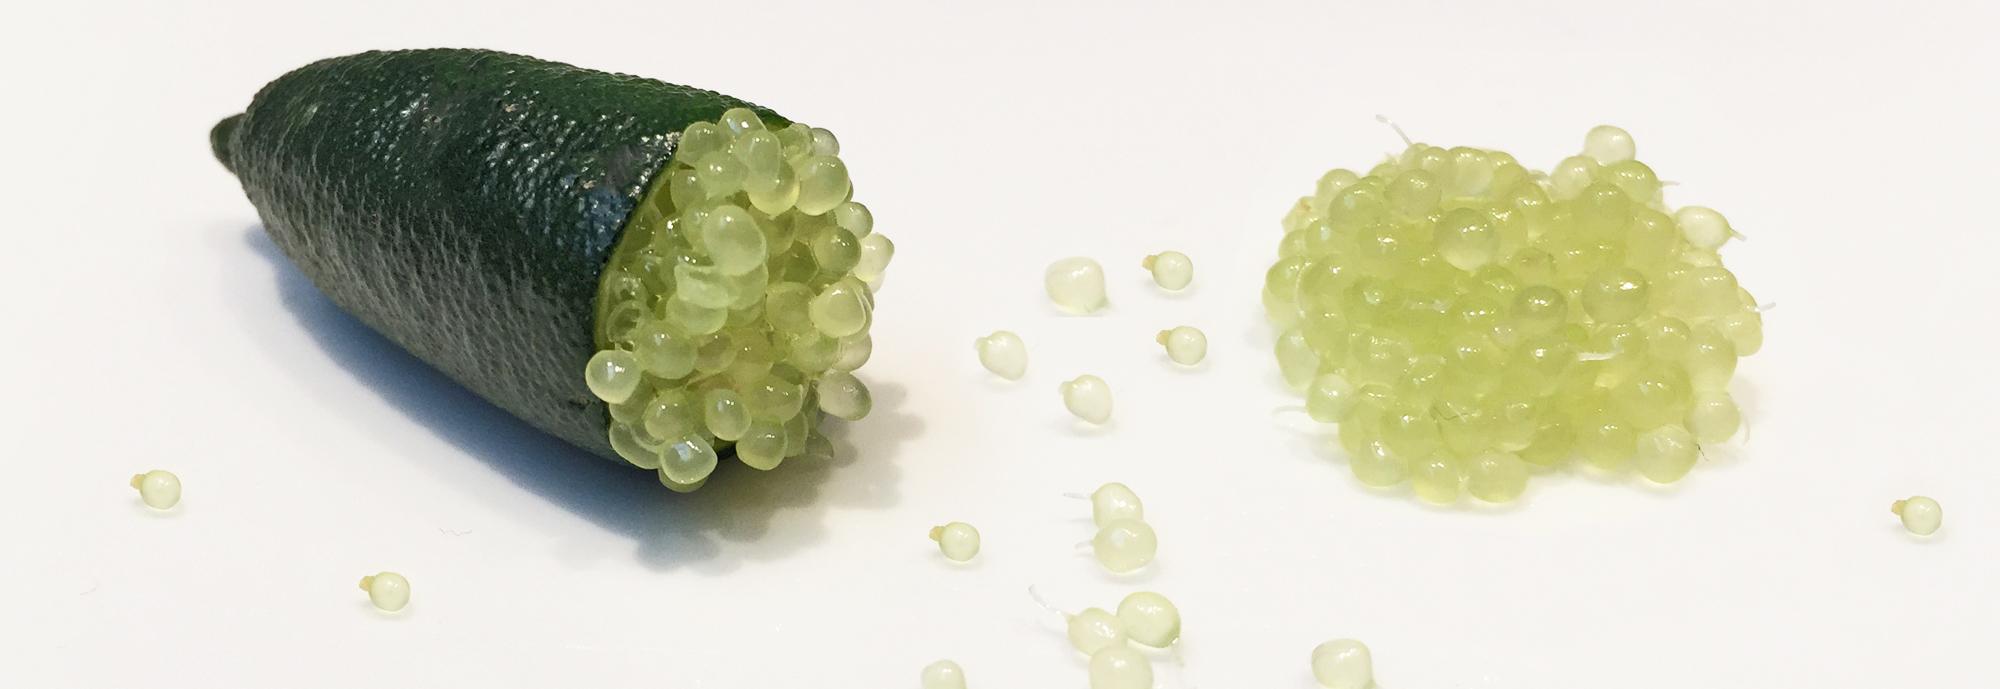 citron_caviar_jaune_coupé